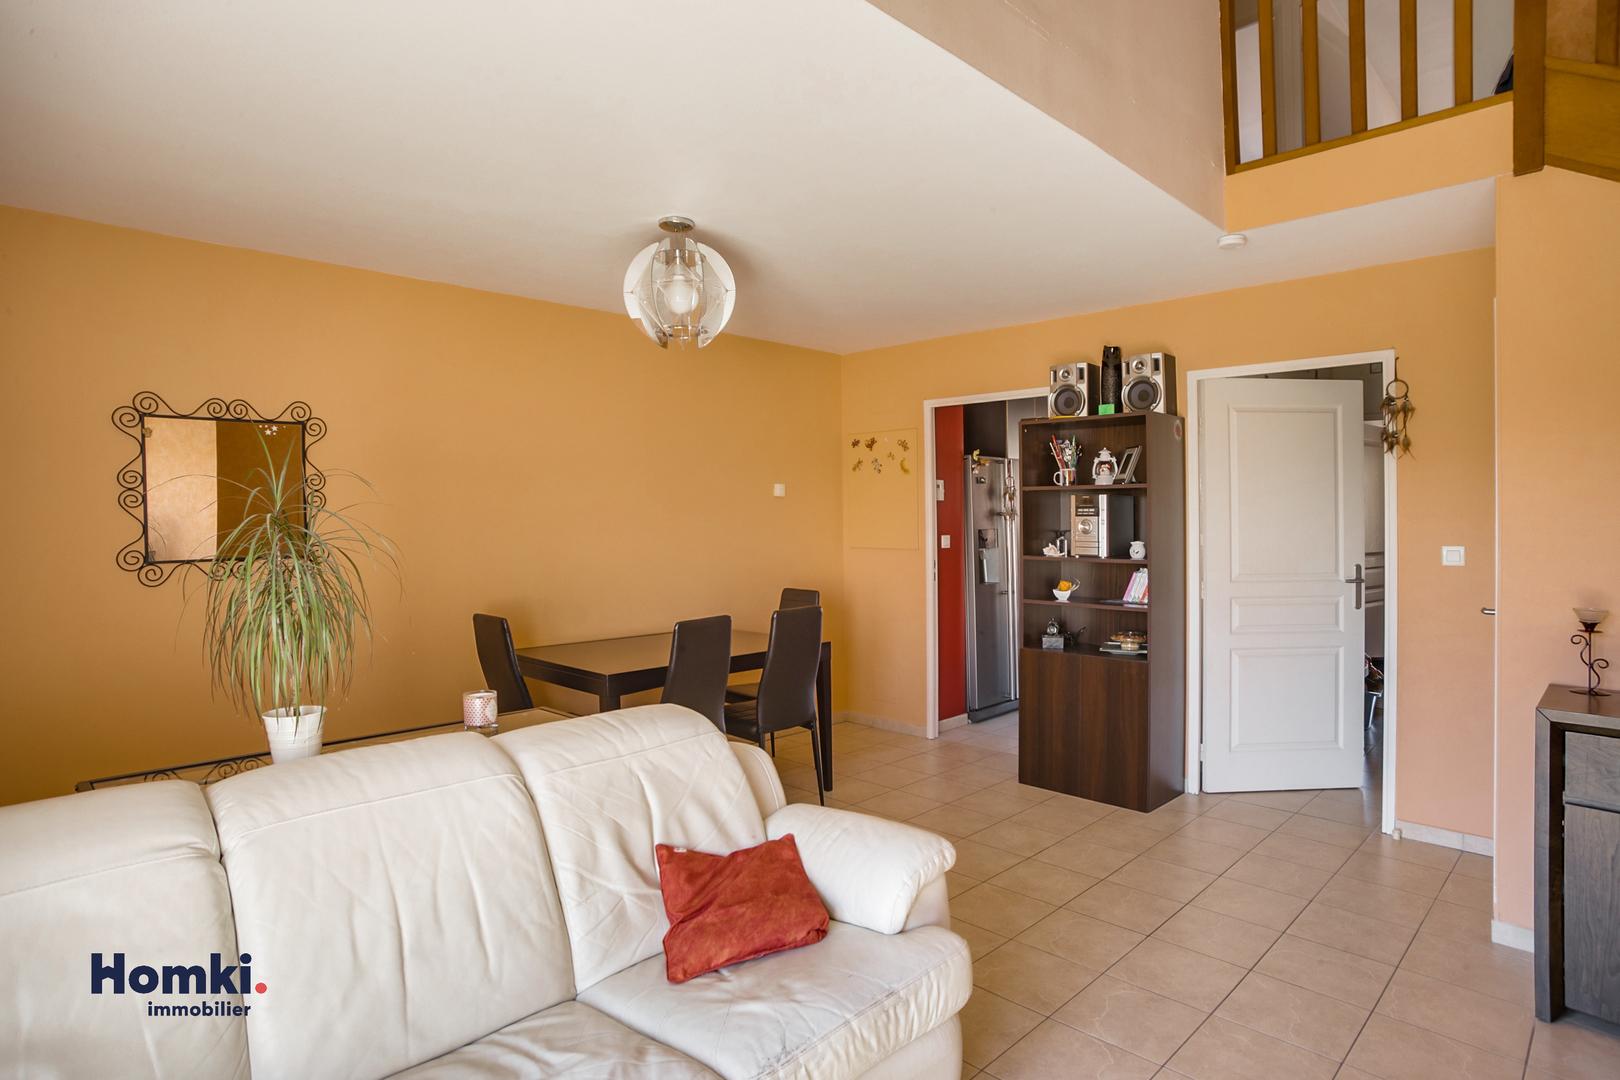 Vente appartement 104m² T5 69480_3